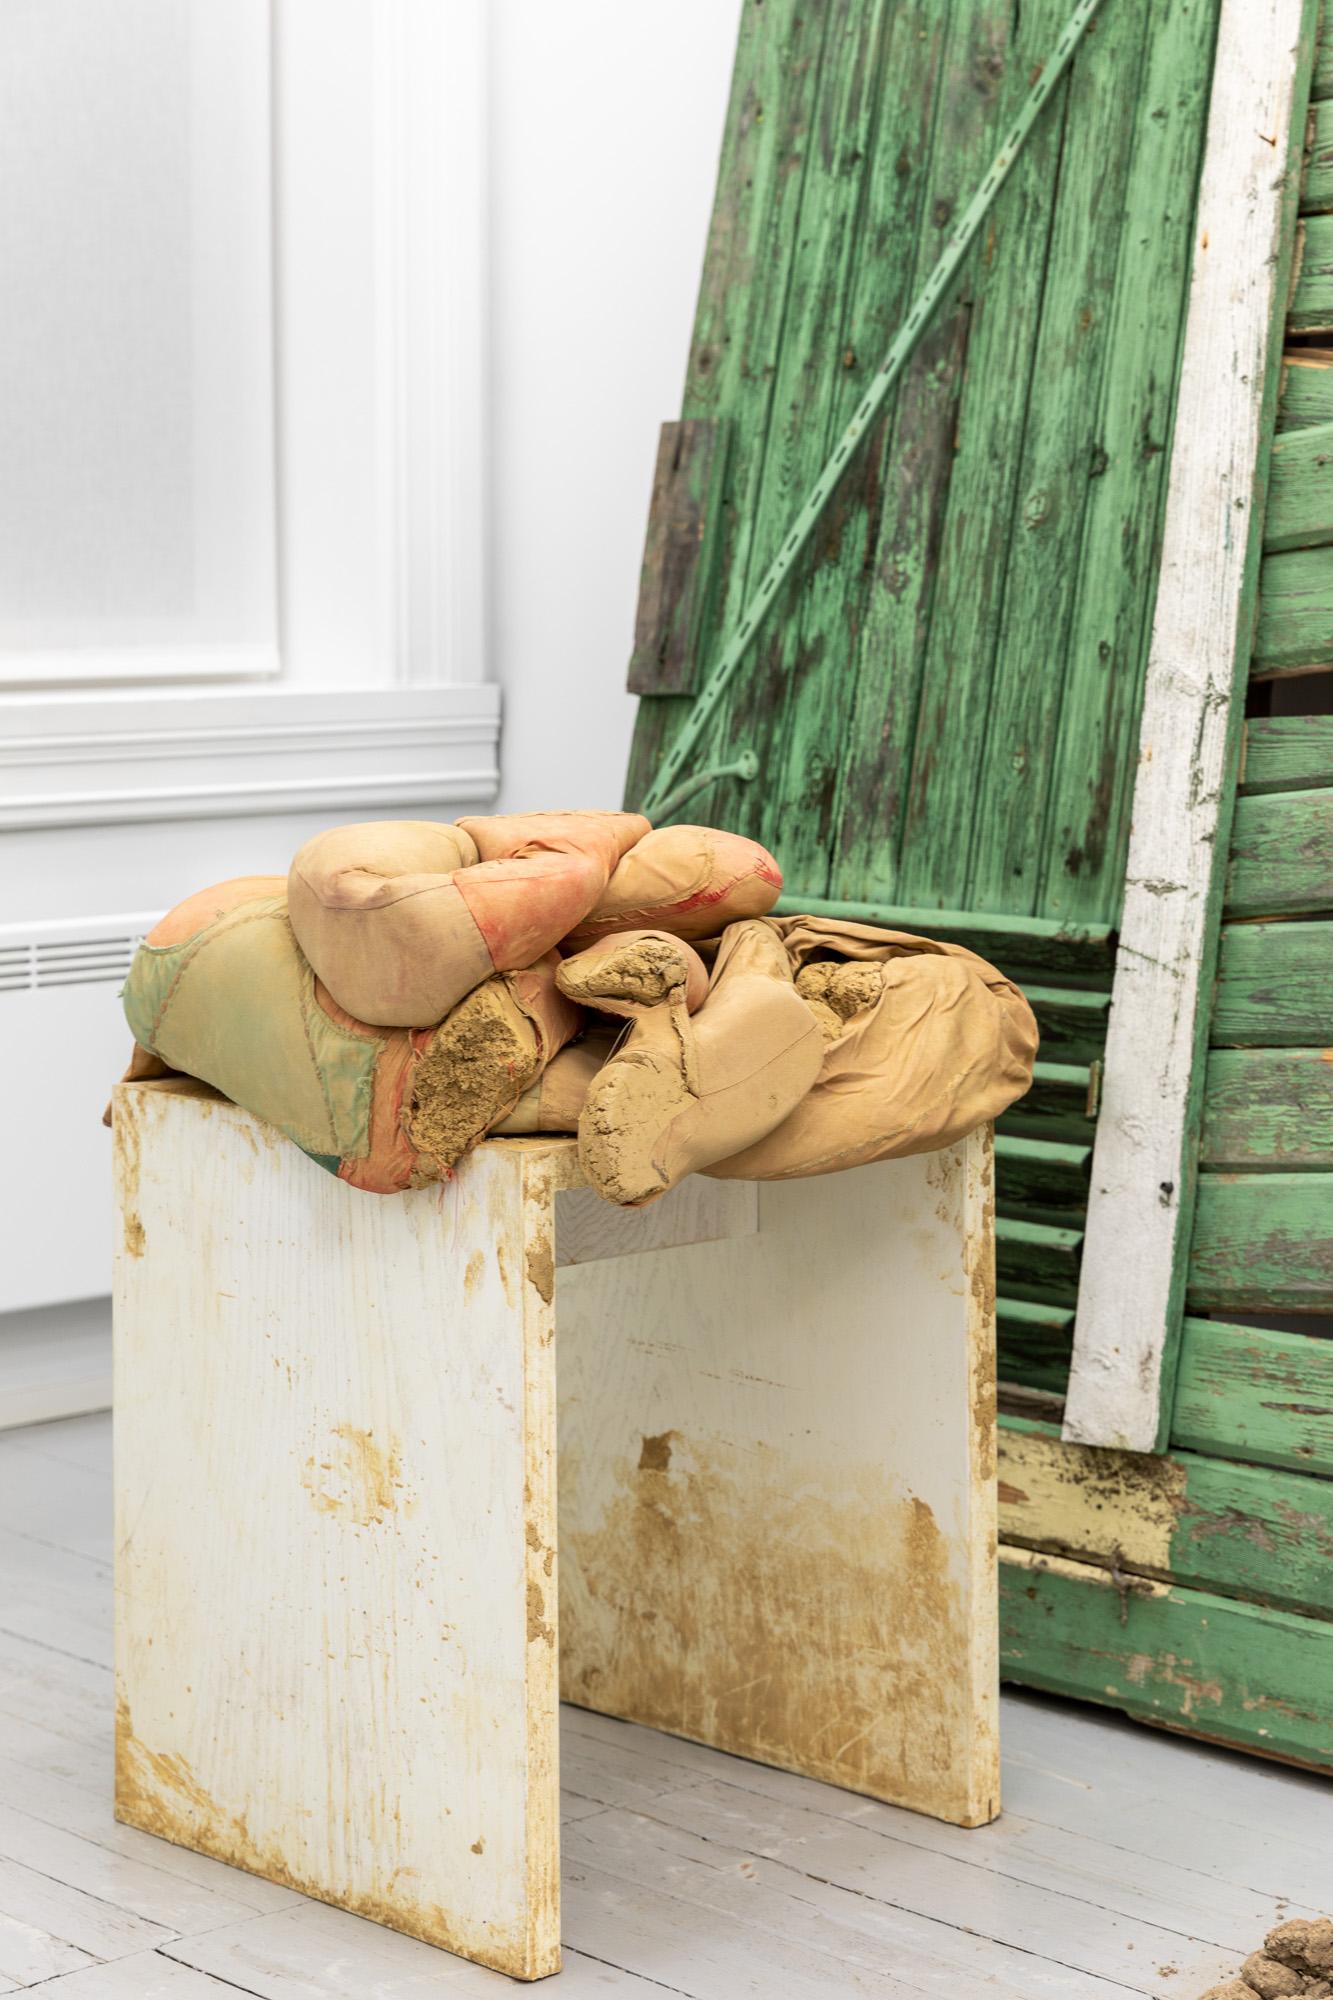 Att Slå Knut På Sig Själv, 2020, Mixed media (textile, clay, wood), 72,5 x 46,5 x 45,5 cm